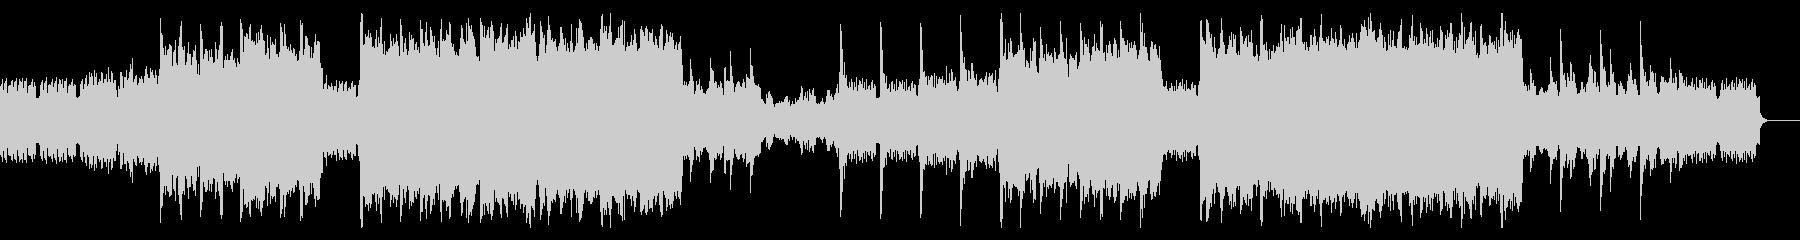 ミステリアスなピアノアンビエントの未再生の波形